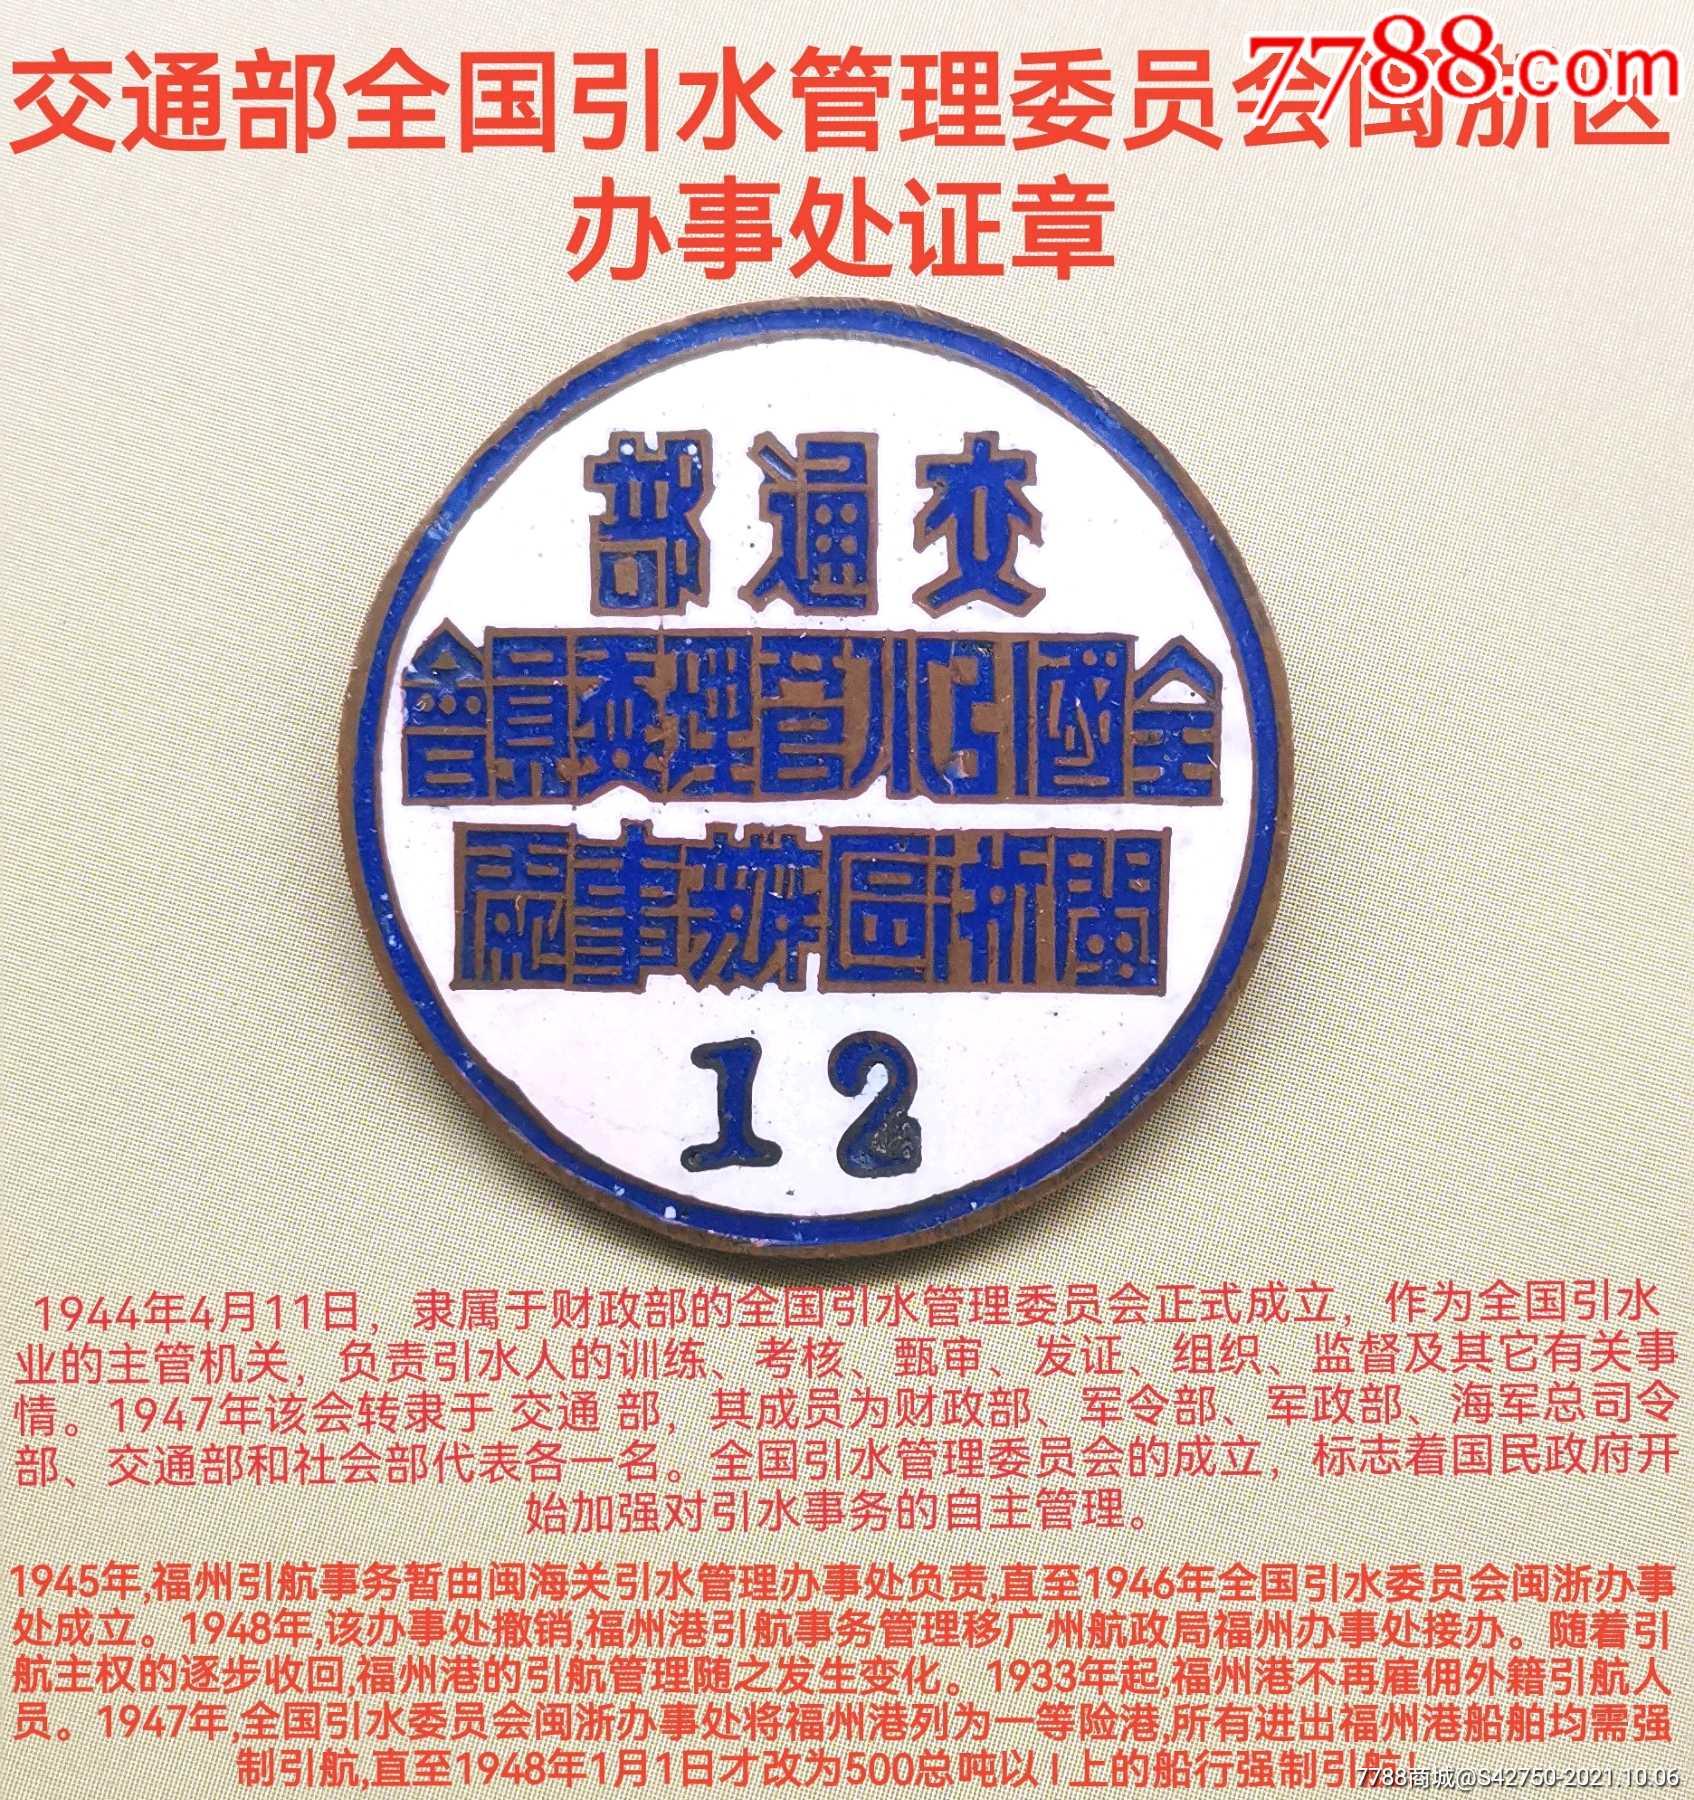 交通部全国引水管理委员会闽浙区办事处证章_价格1050元_第1张_